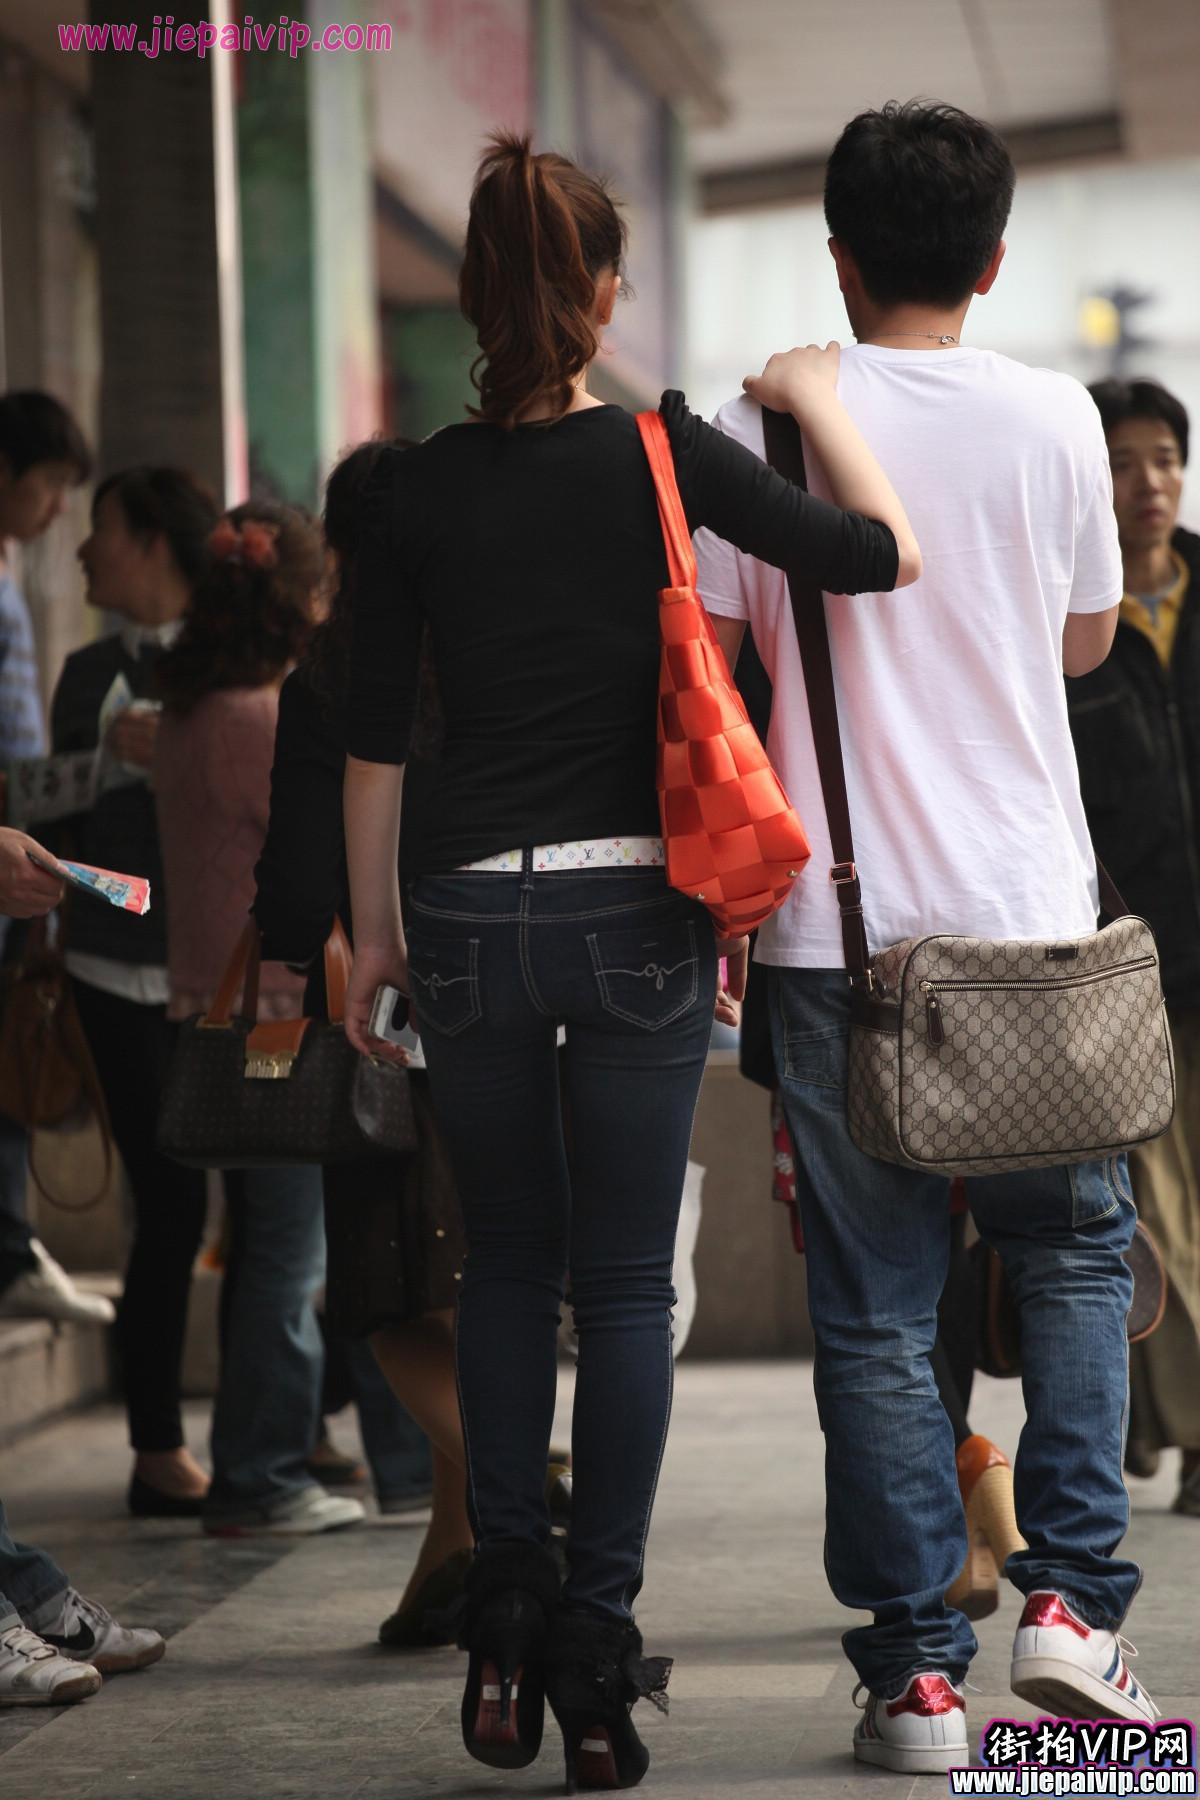 高挑牛仔裤,马尾辫美眉4